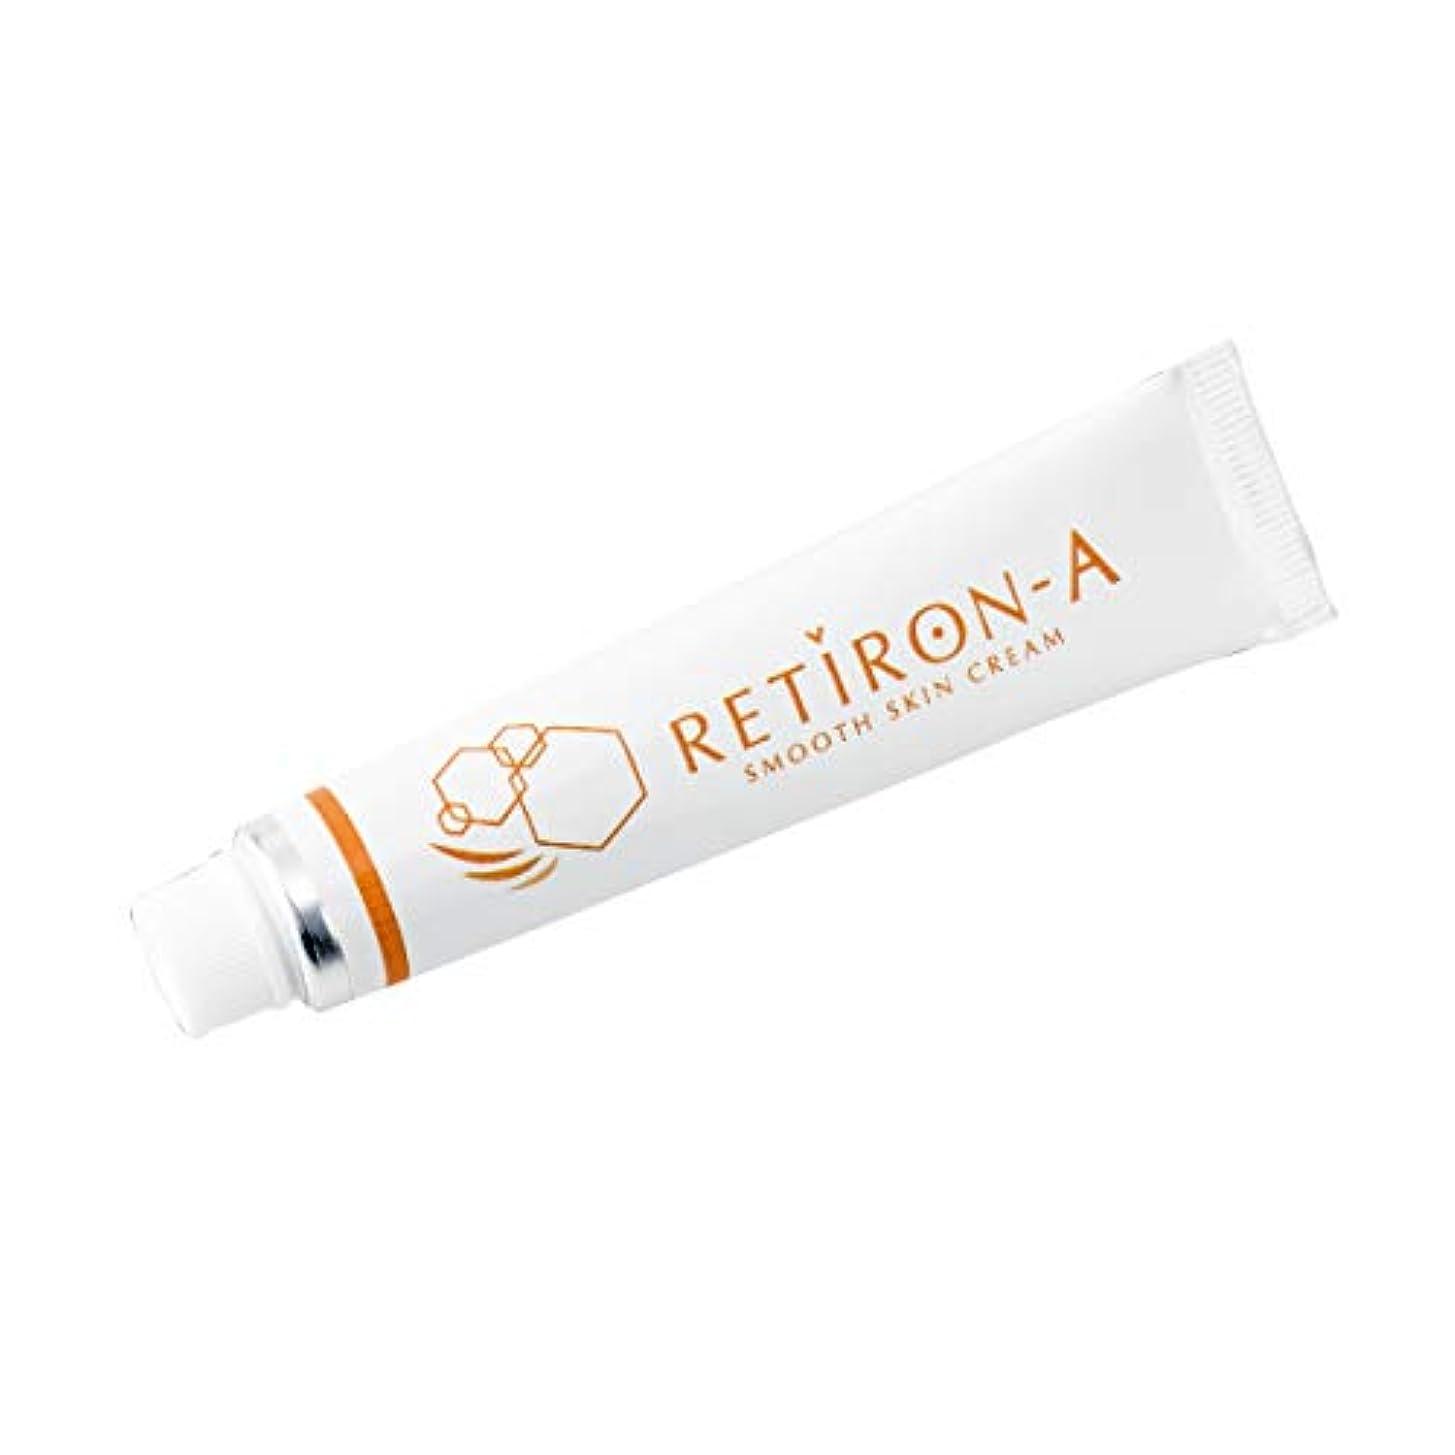 顔料同志解くクリーム 化粧品 レチノール配合 レチロンA パラベンフリー